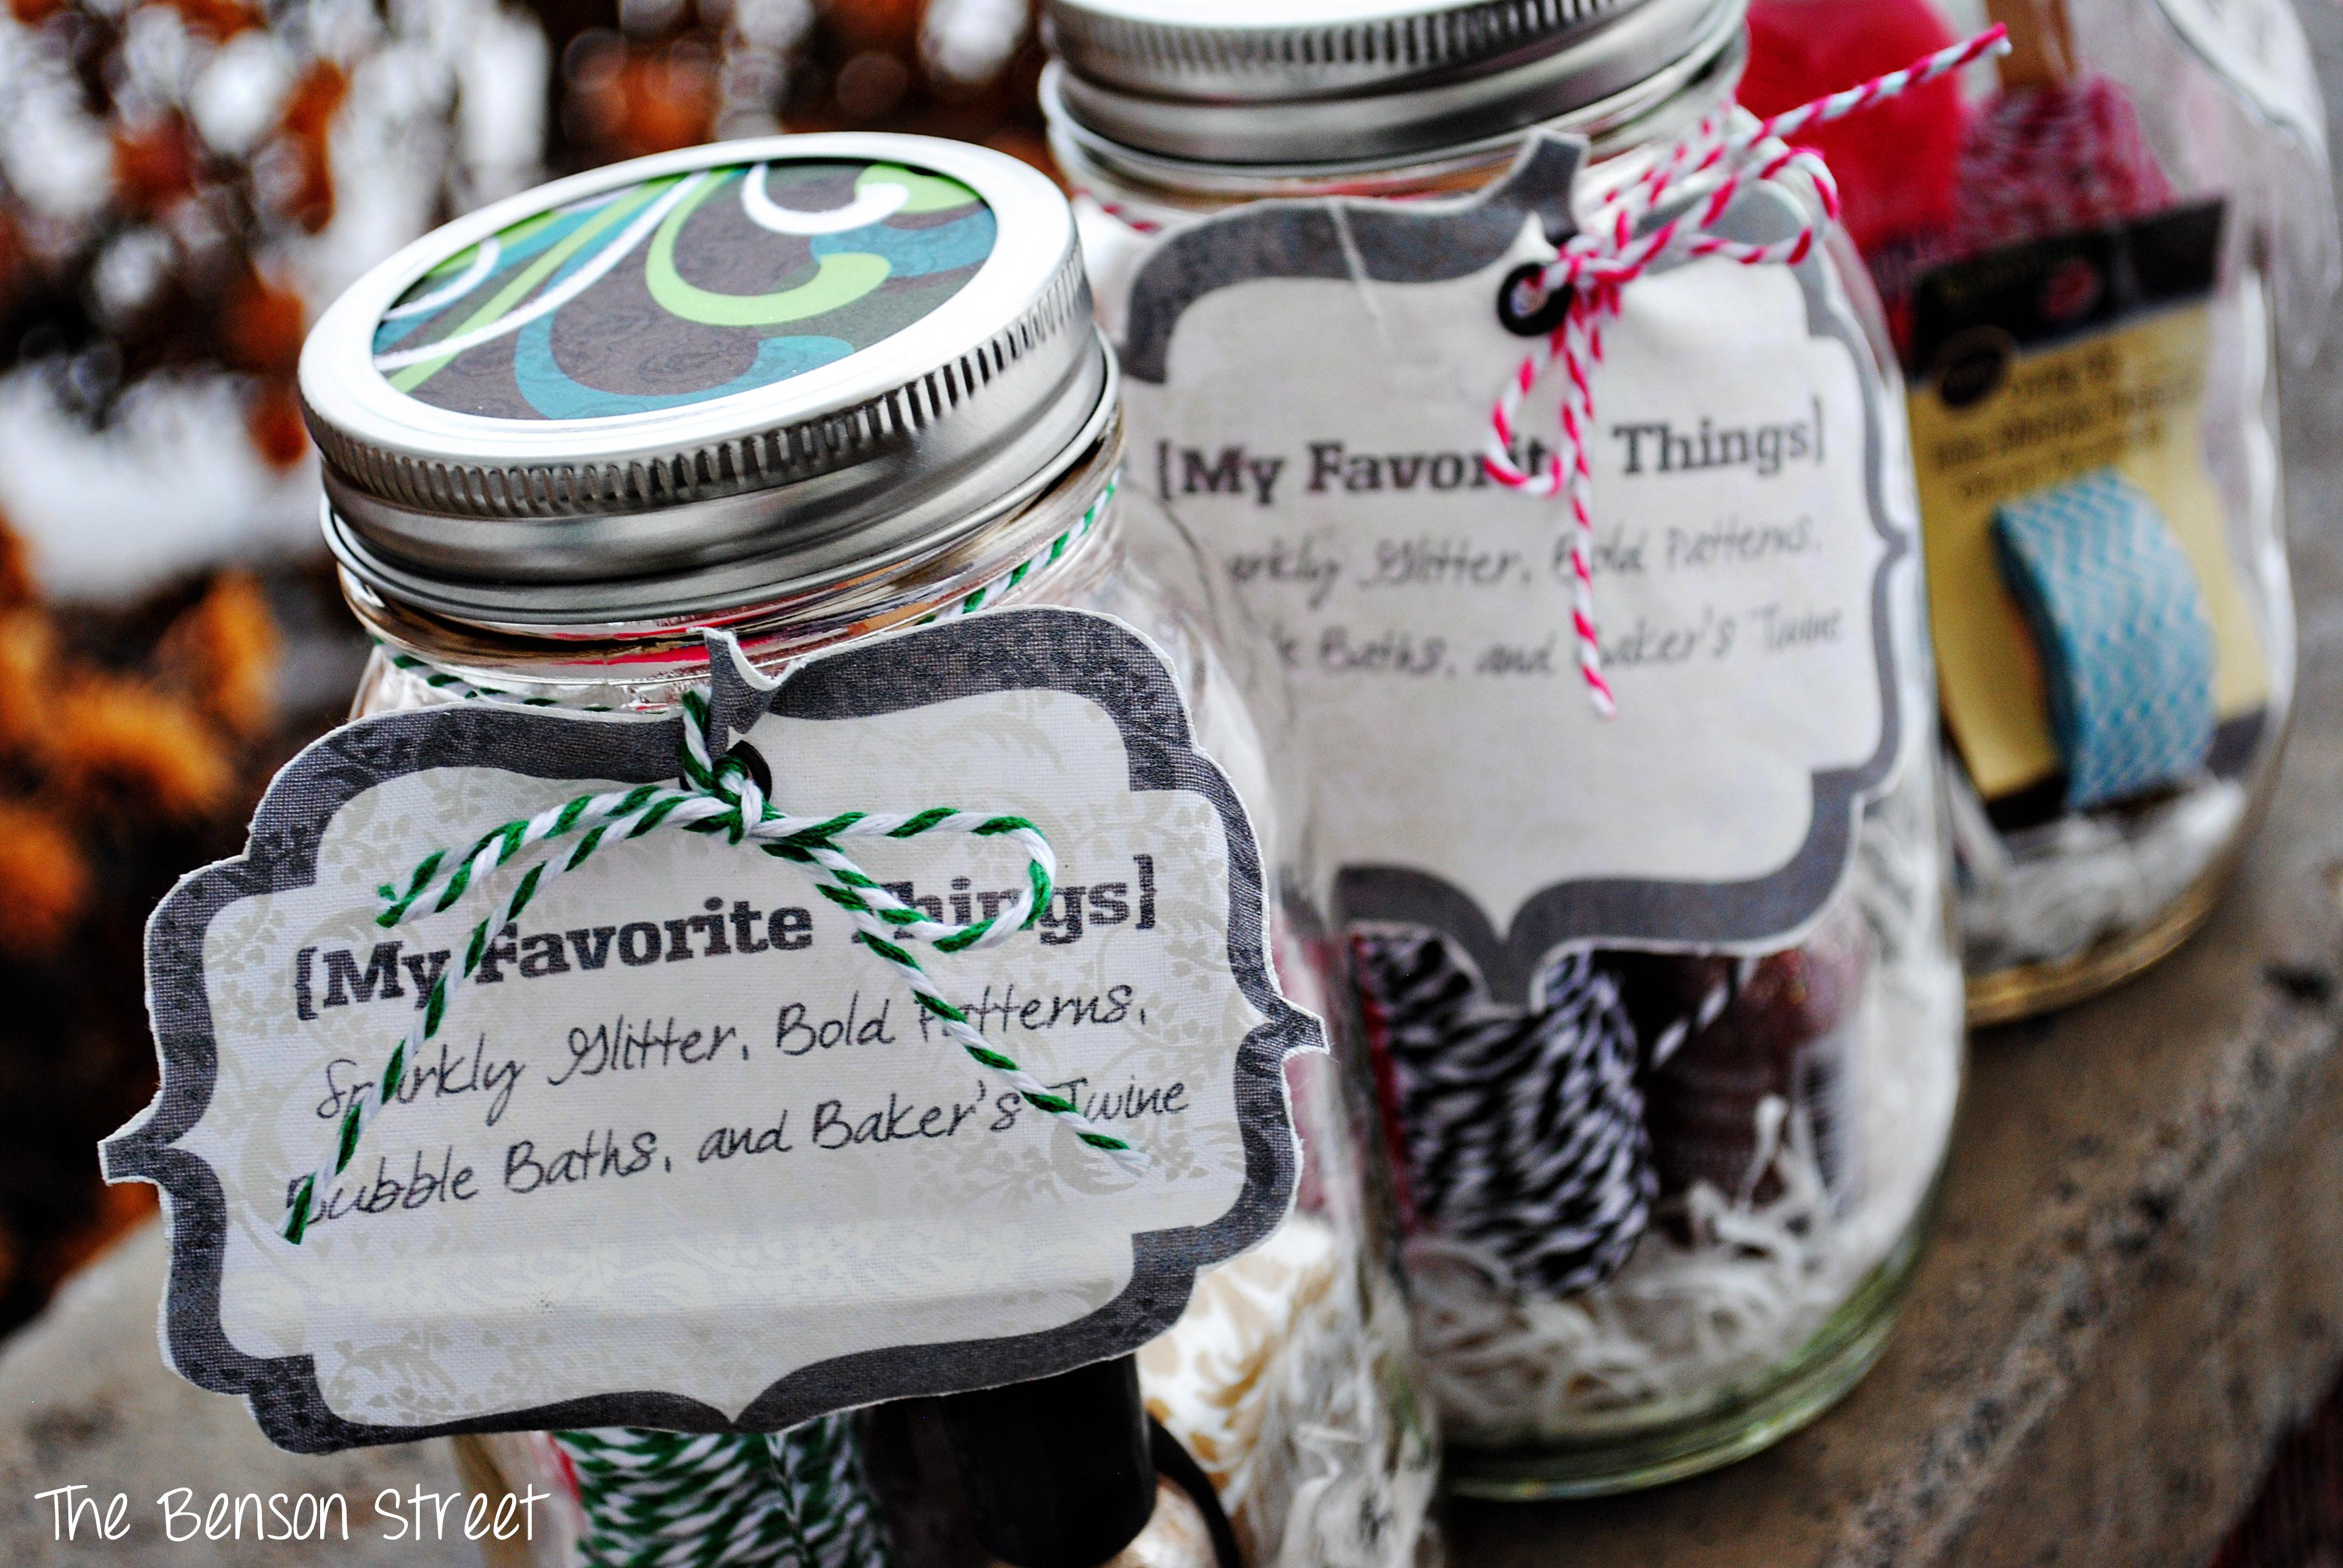 {My Favorite Things Jars} The Benson Street